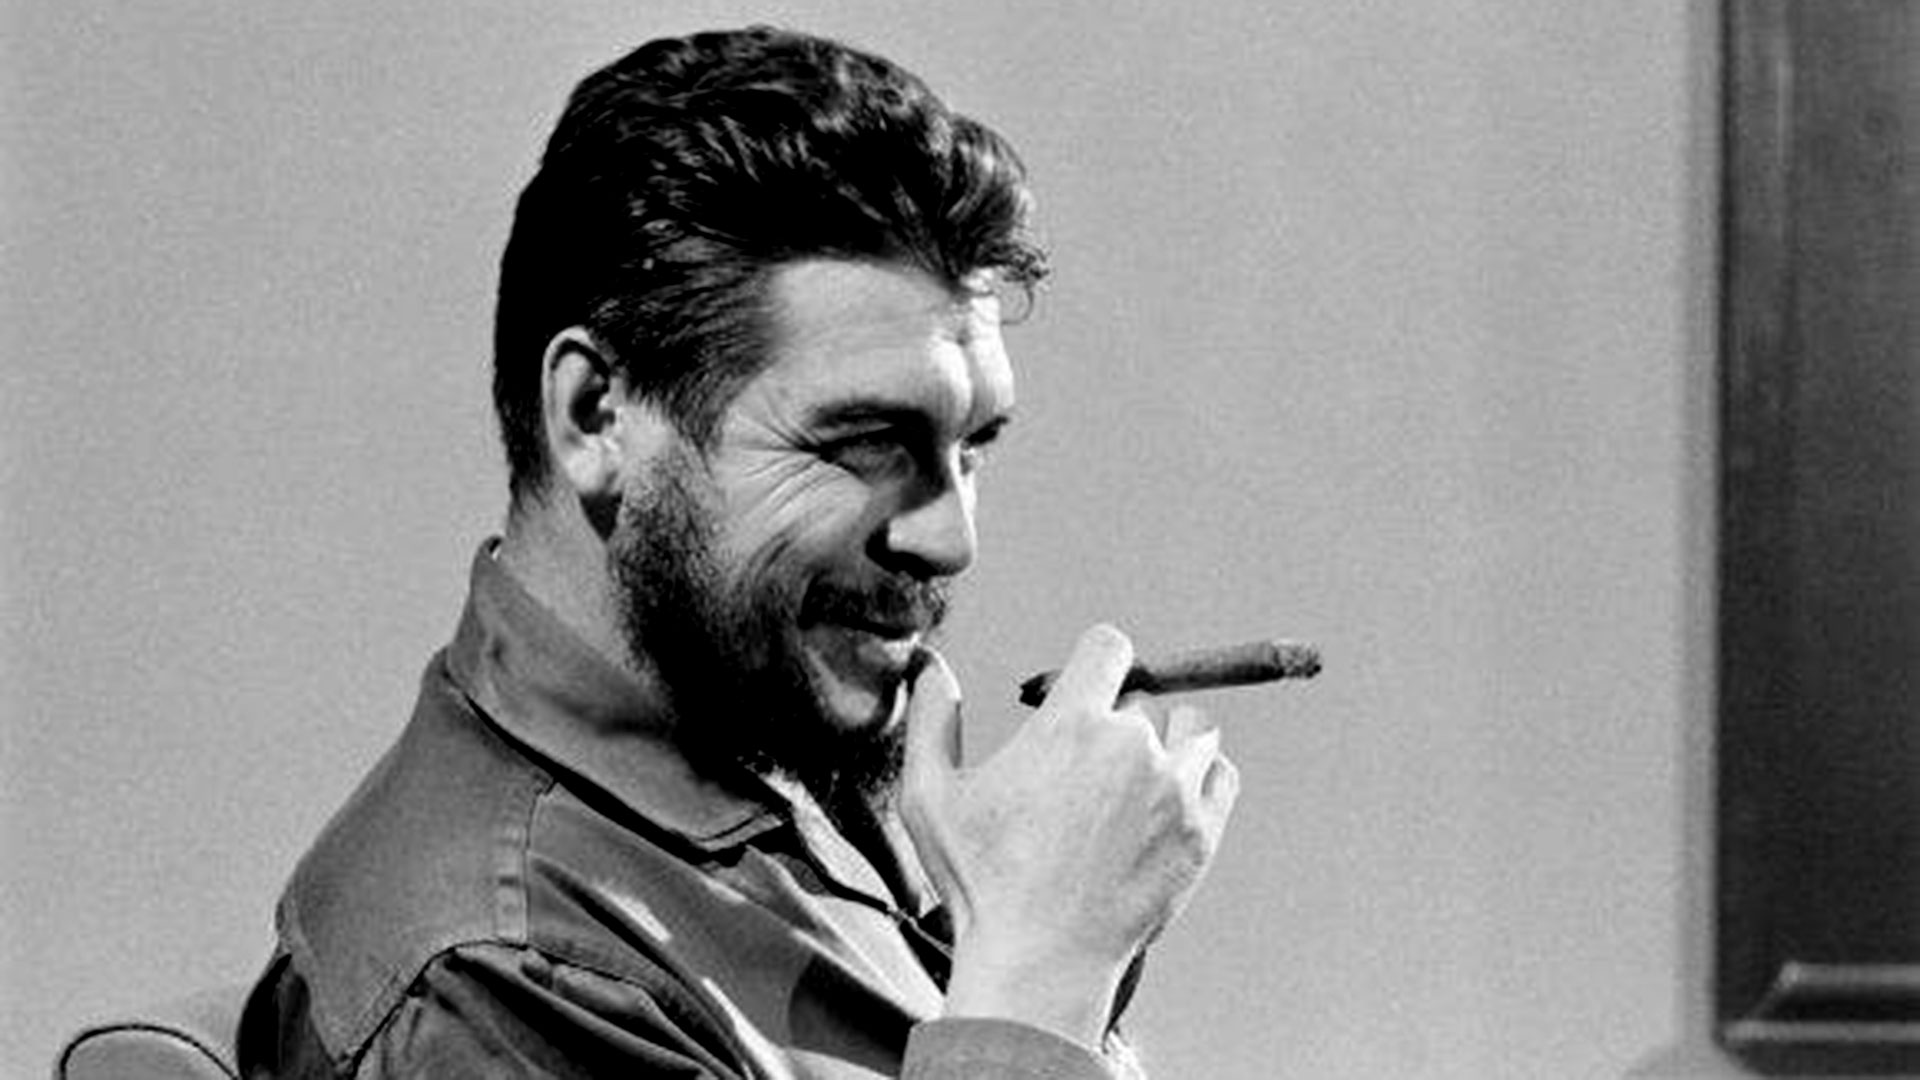 Adam Driver Che Guevara Fidel Castro